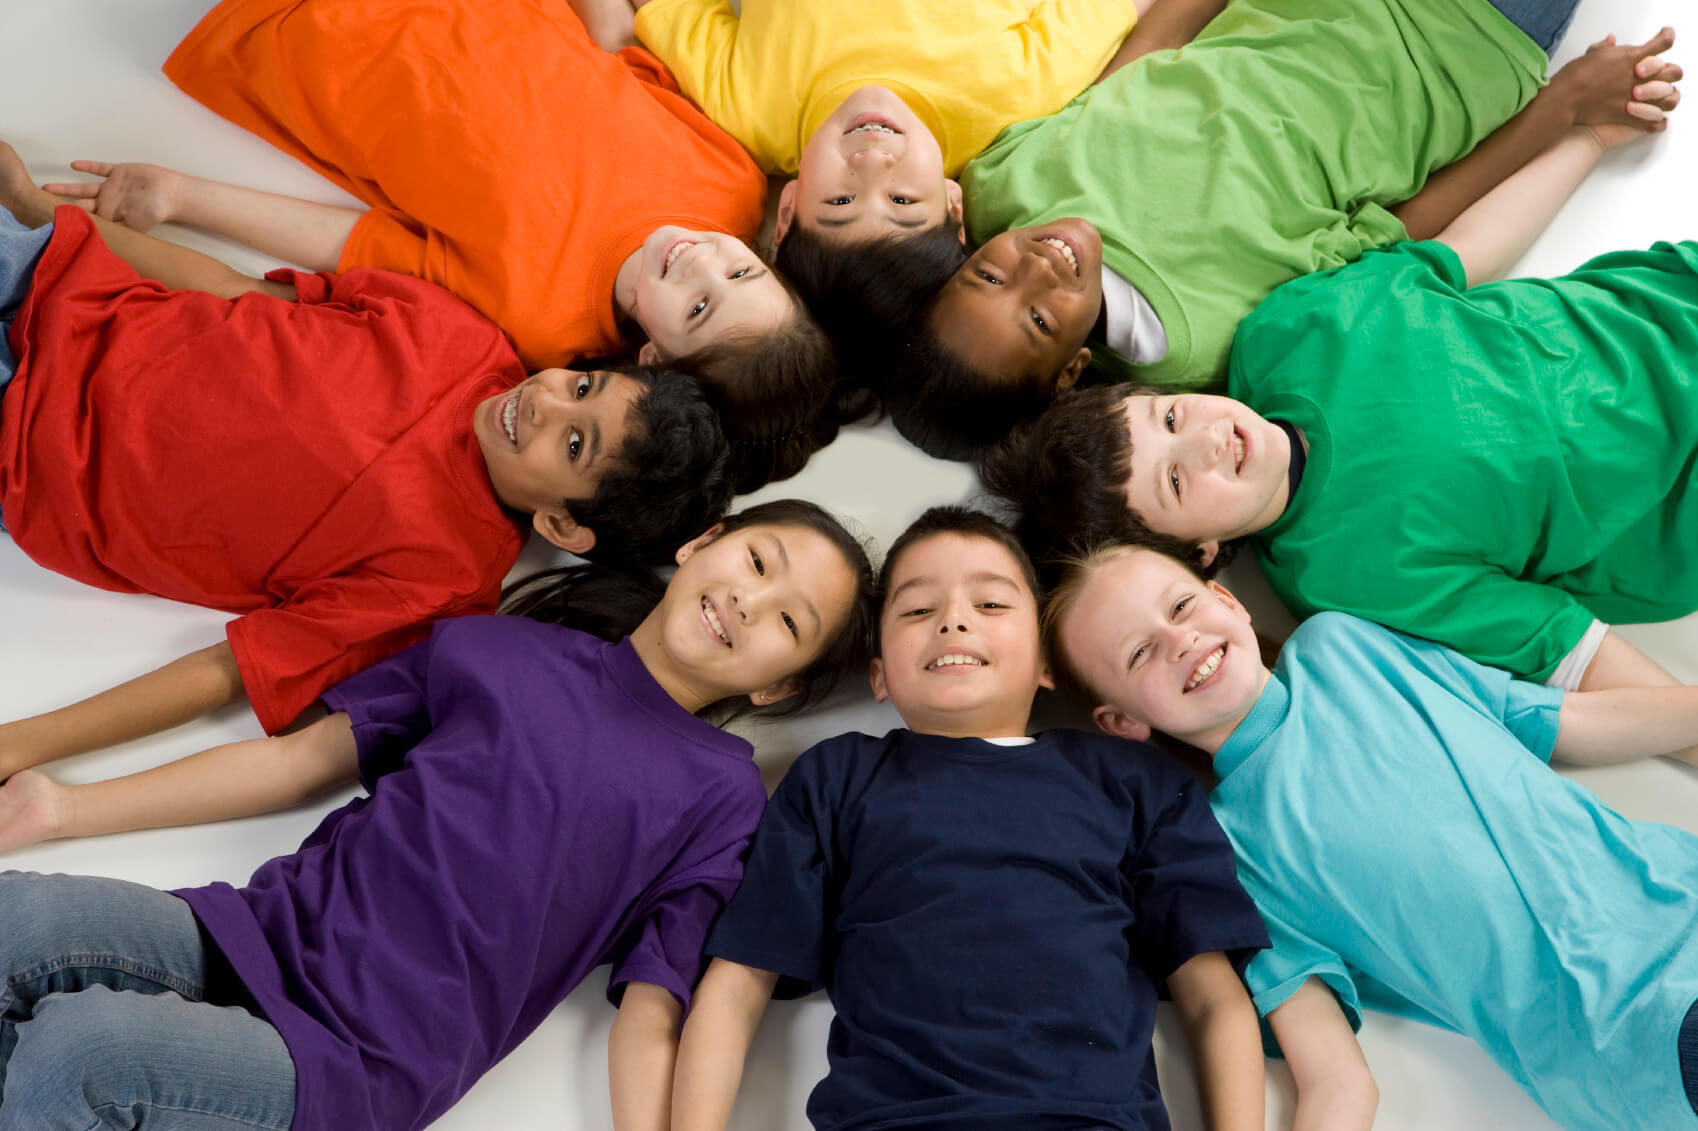 پایان تیتر: اجتماعی شدن کودکان